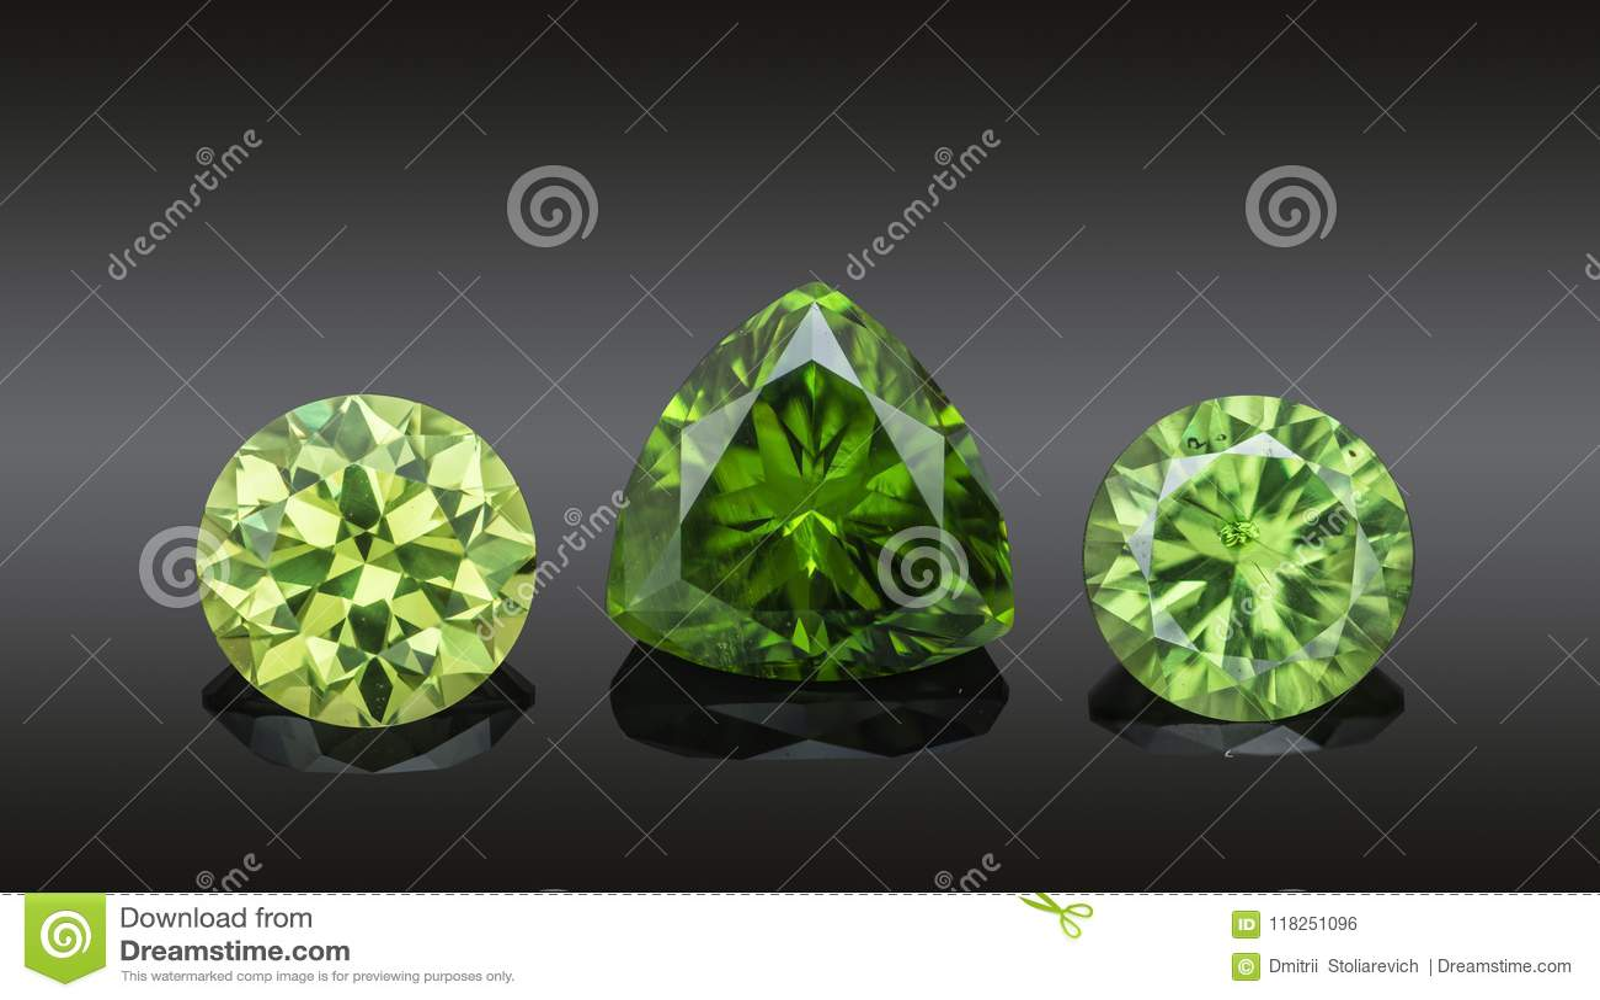 Set luksus zieleni przejrzyści iskrzaści gemstones różnorodny rżnięty kształtów demantoids kolaż odizolowywający na czarnym tle